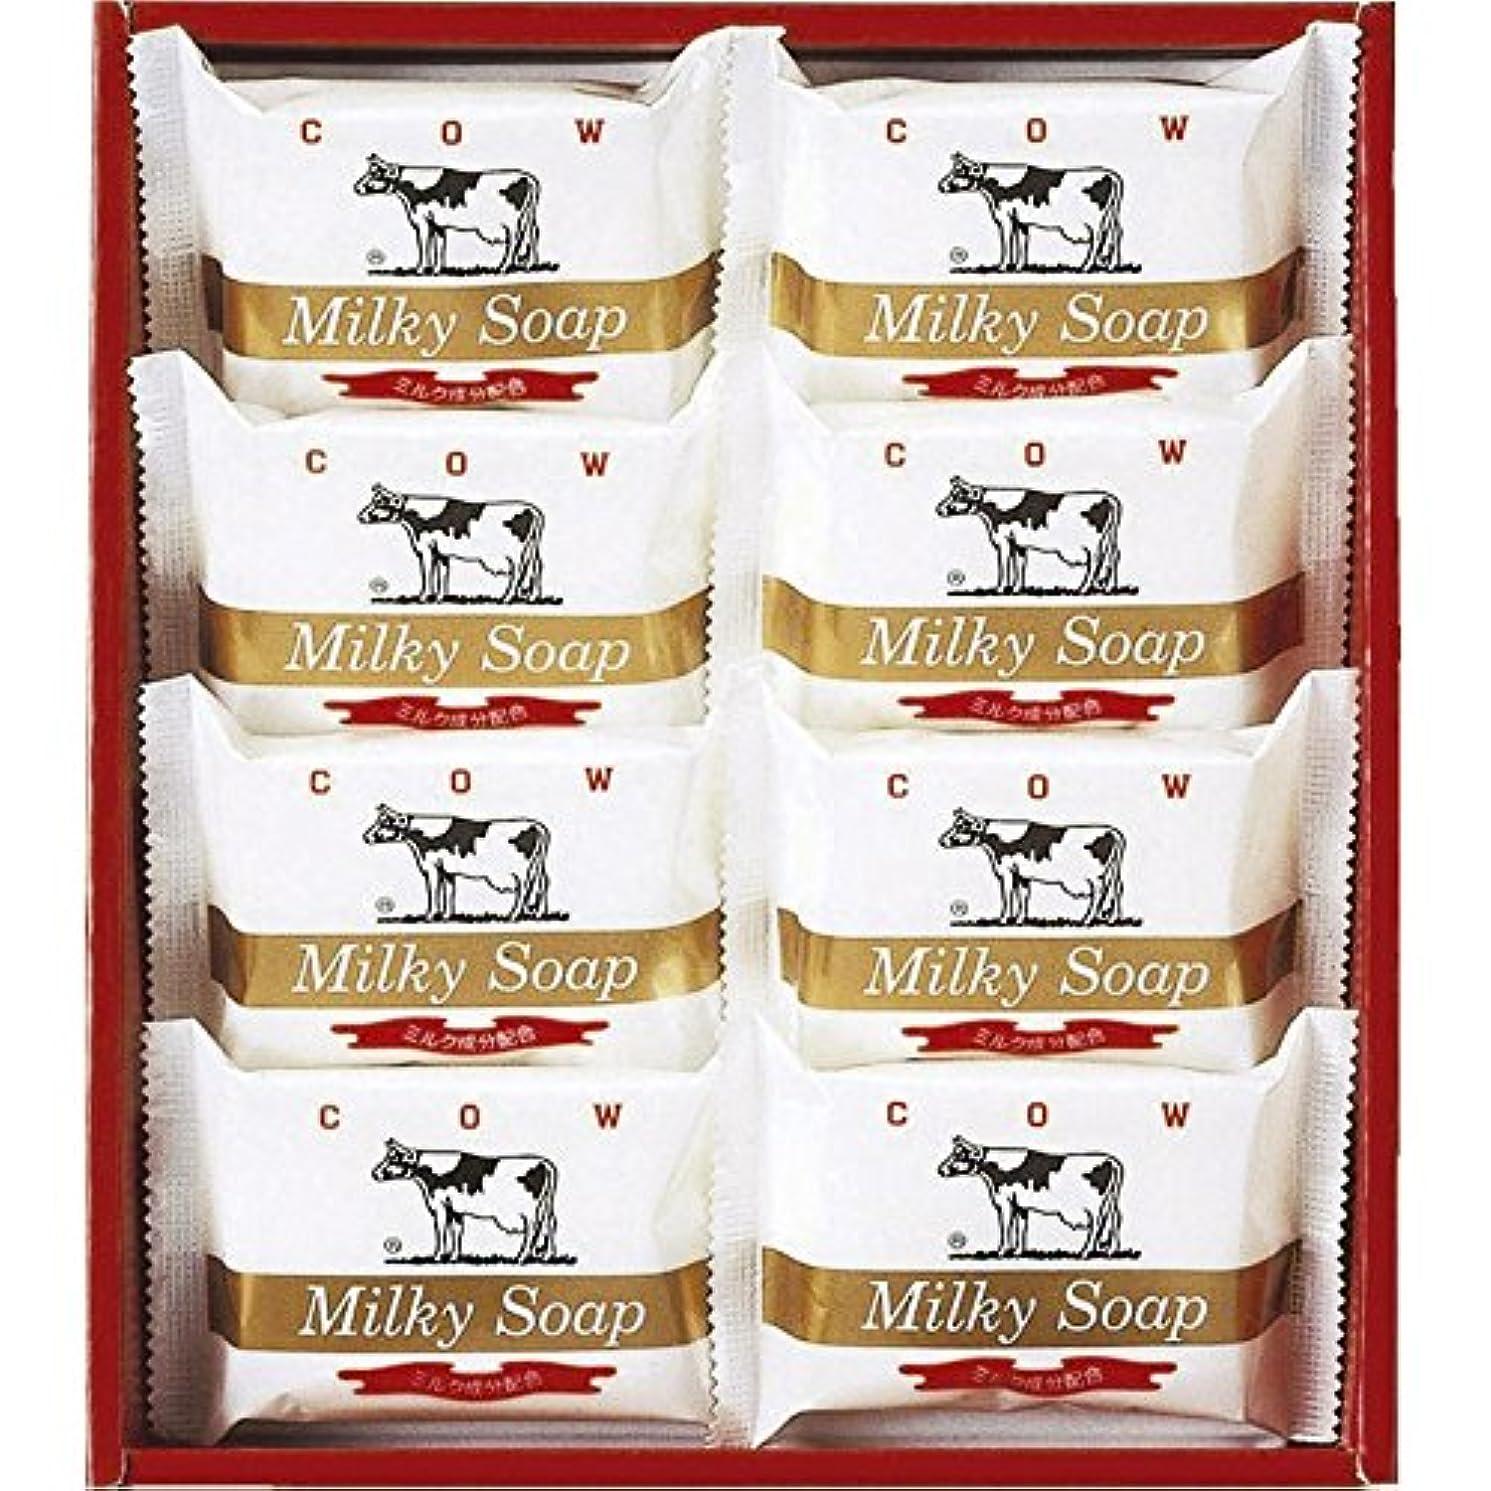 ご飯円周コミュニティ牛乳石鹸 ゴールドソープセット 【固形 ギフト せっけん あわ いい香り いい匂い うるおい プレゼント お風呂 かおり からだ きれい つめあわせ かうぶらんど 1000】